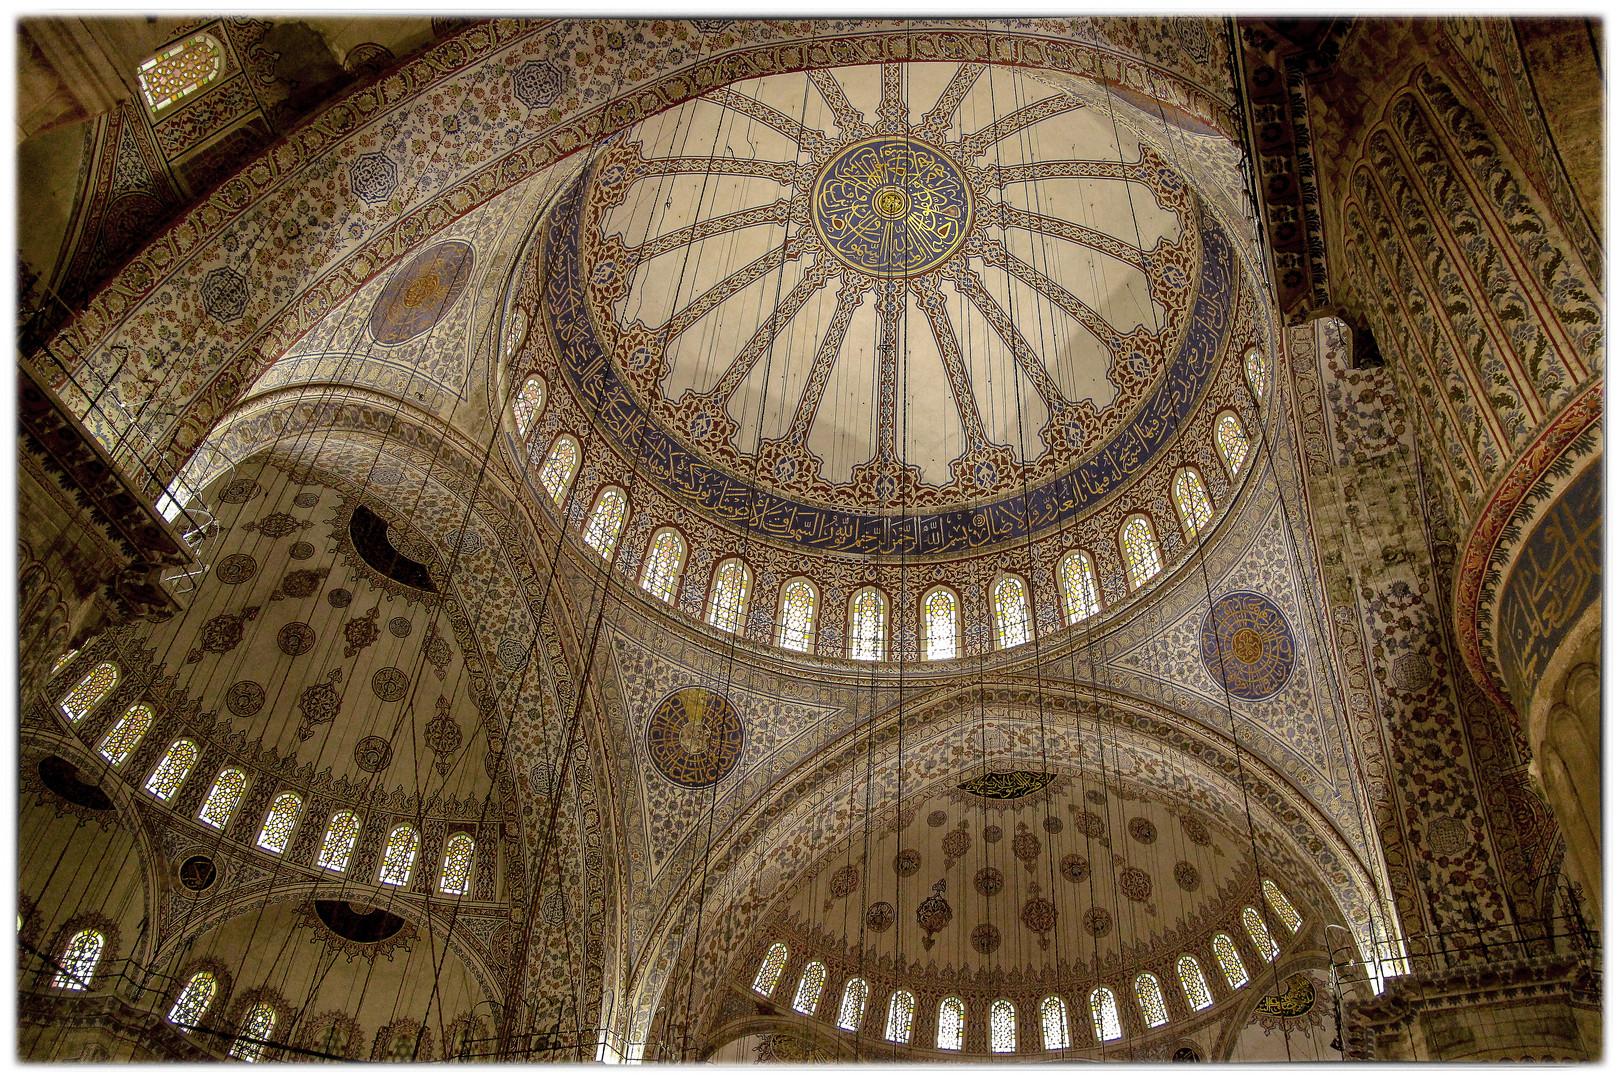 Die Kuppel in der Blauen Moschee-Istanbul